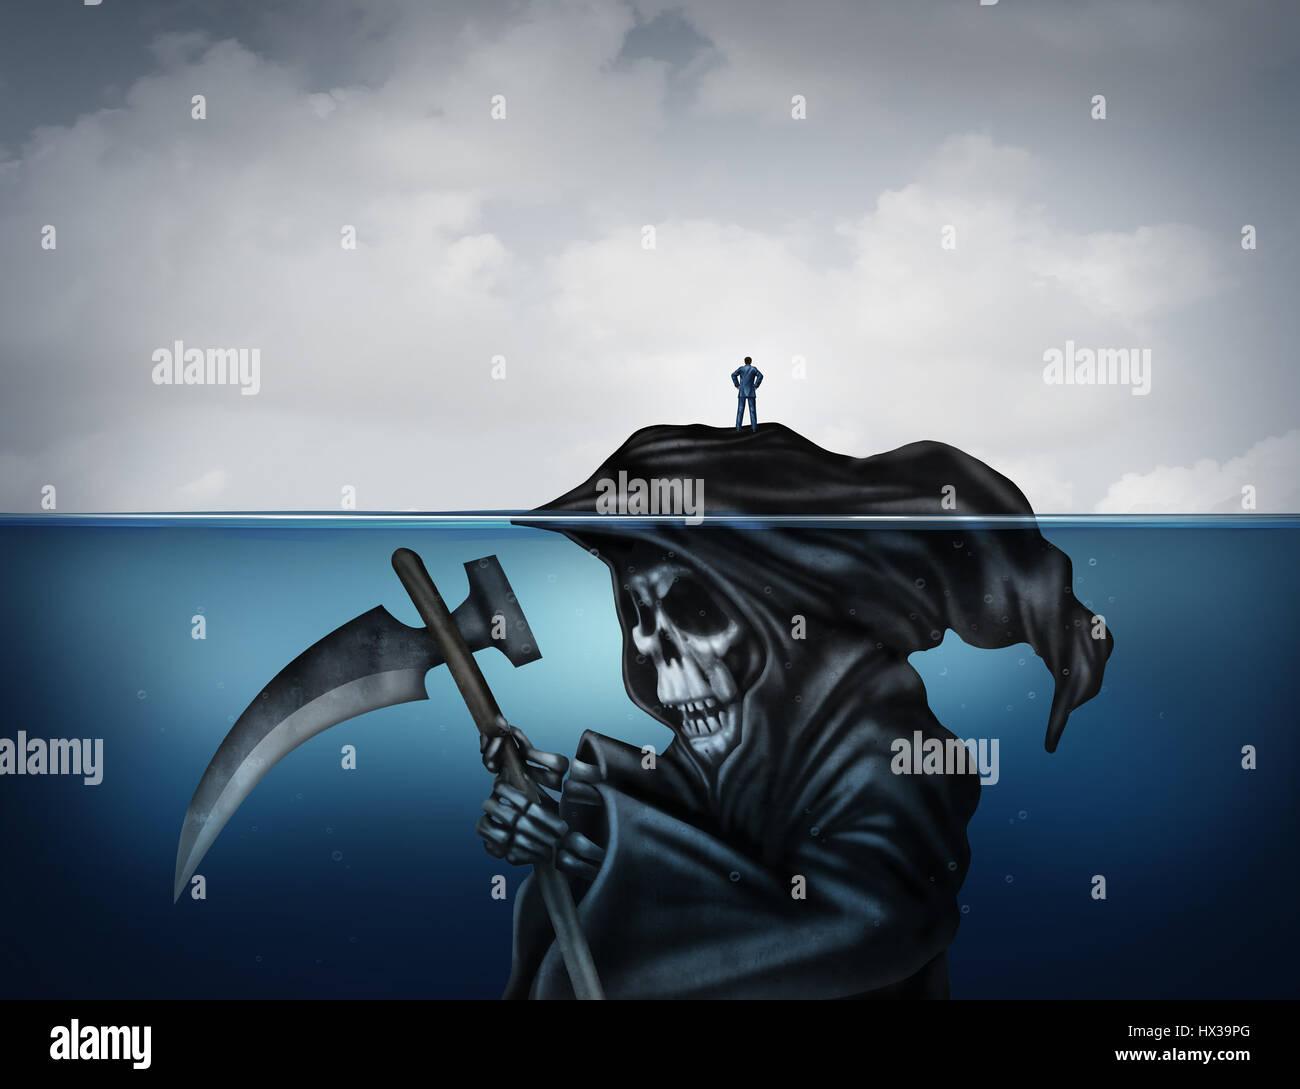 La muerte es inminente concepto o riesgo para la salud y, sin saberlo, tienen una falsa sensación de seguridad Imagen De Stock